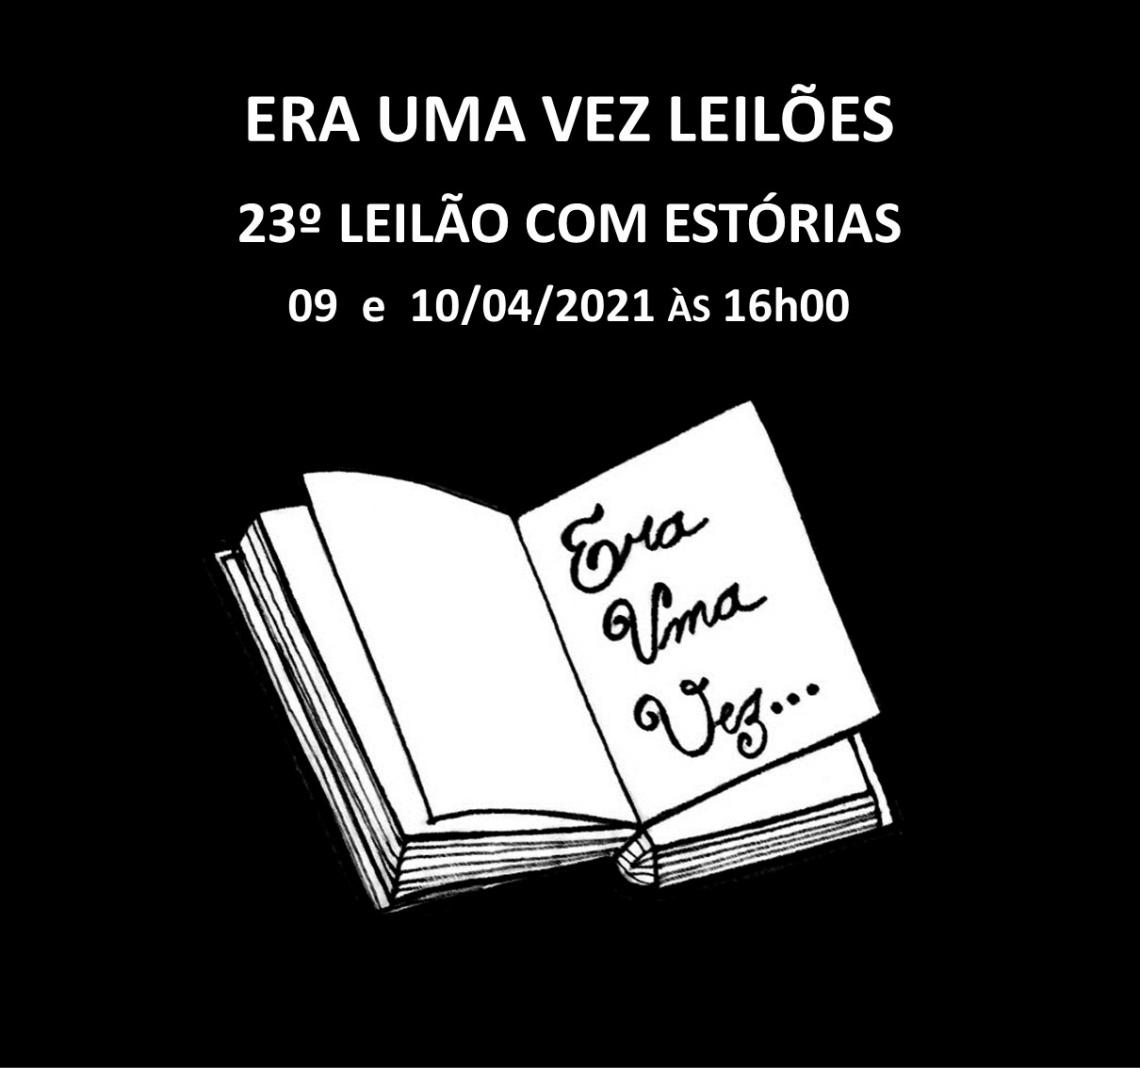 22º LEILÃO COM ESTÓRIAS - 12 e 13/03/2021 às 16h00